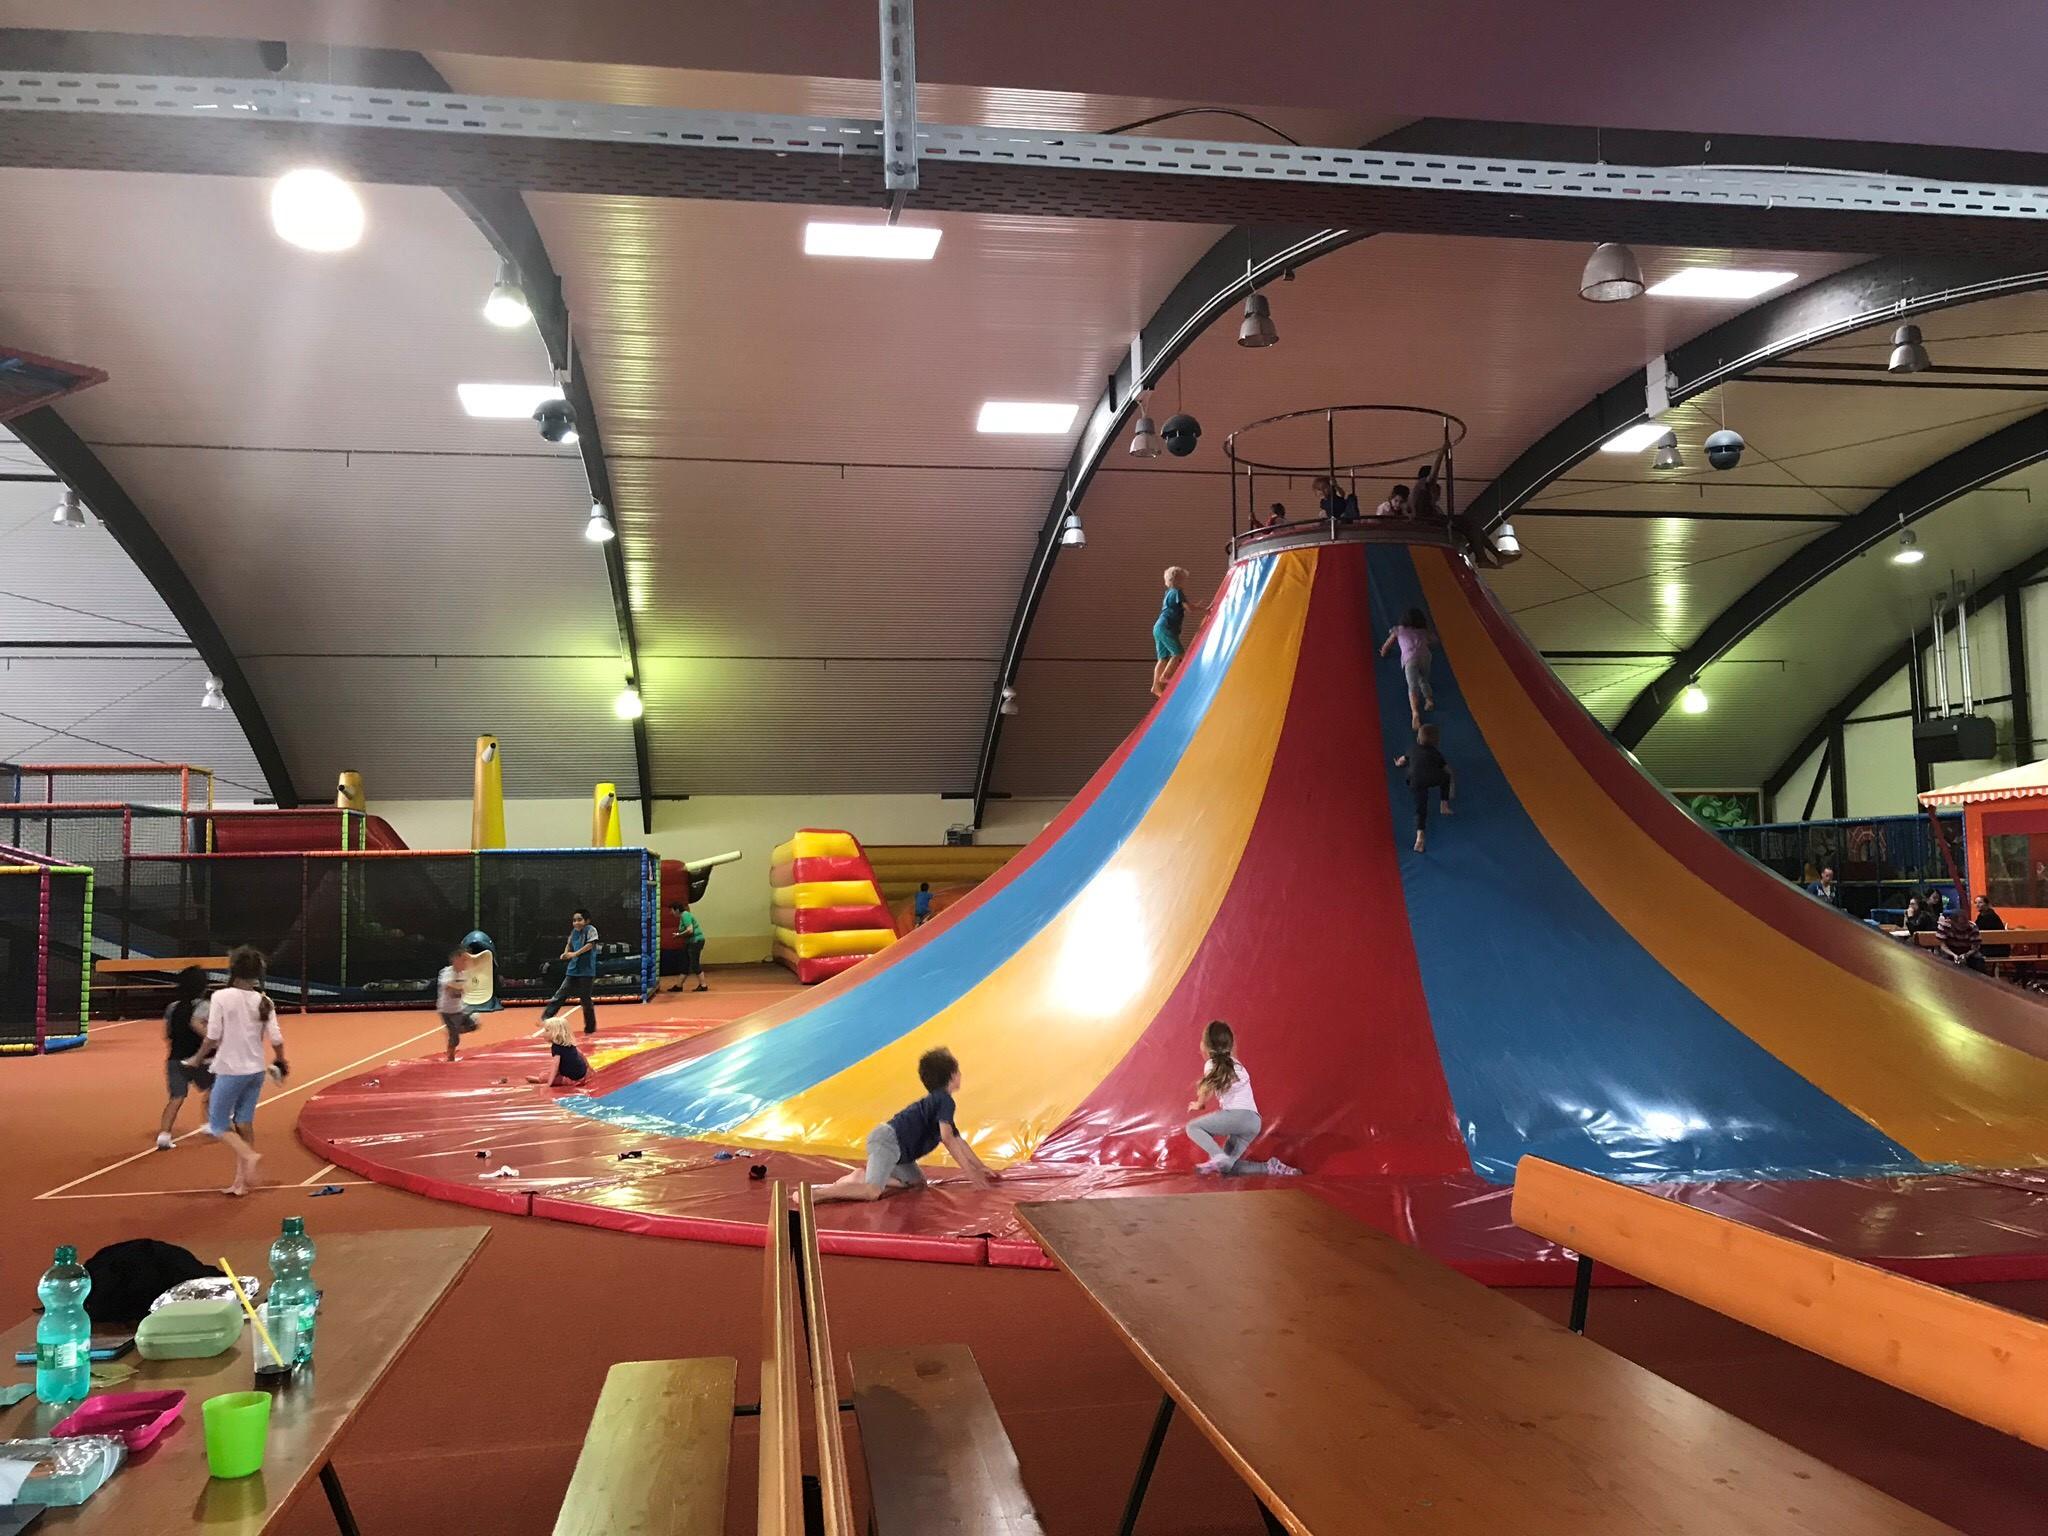 trampoline indoorspielplatz trier ausflugstipp f r kinder in trier. Black Bedroom Furniture Sets. Home Design Ideas